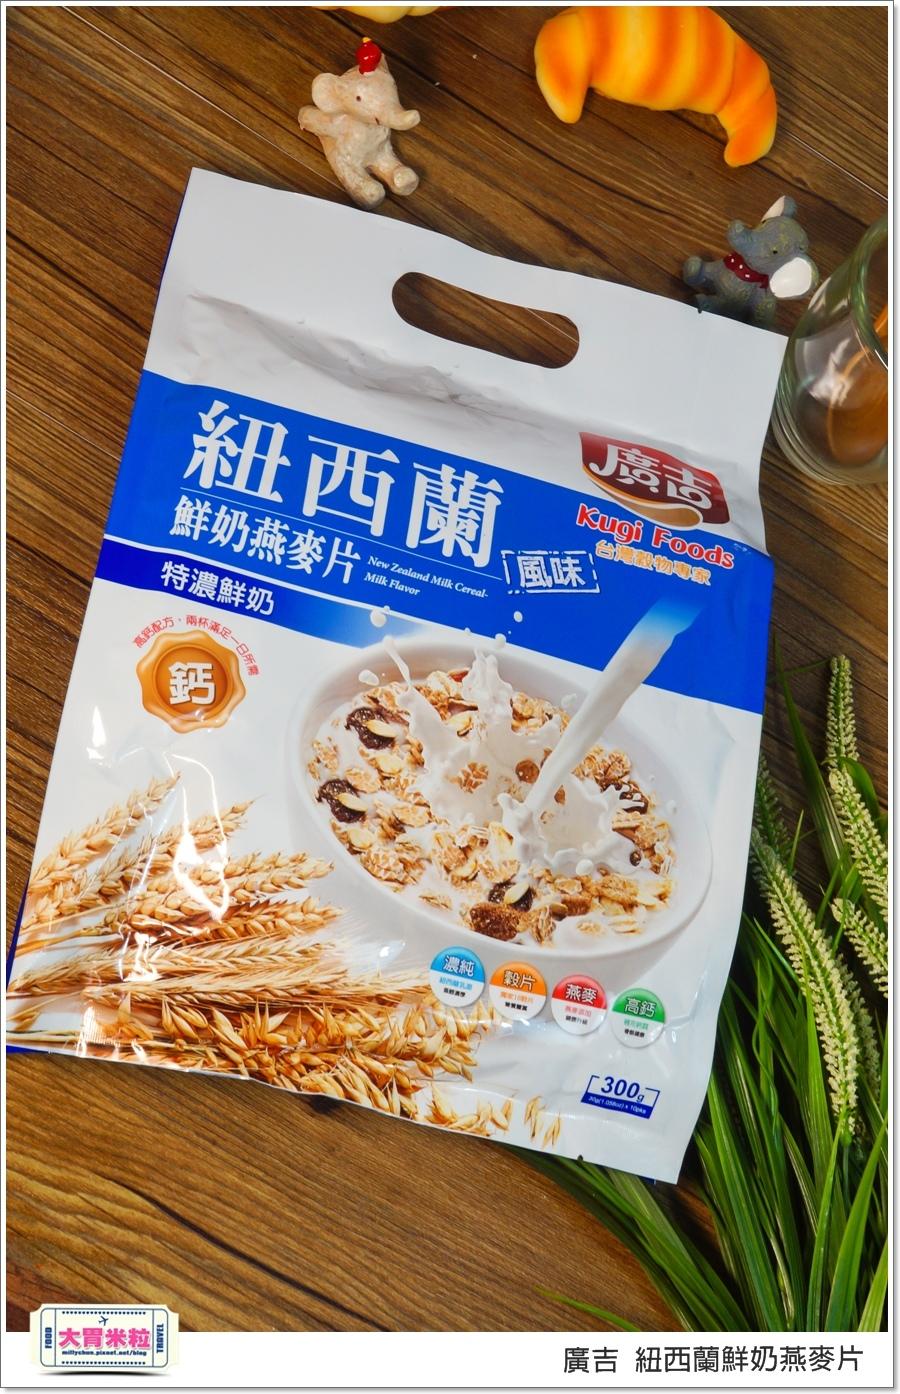 廣吉紐西蘭鮮奶燕麥片@大胃米粒00002.jpg